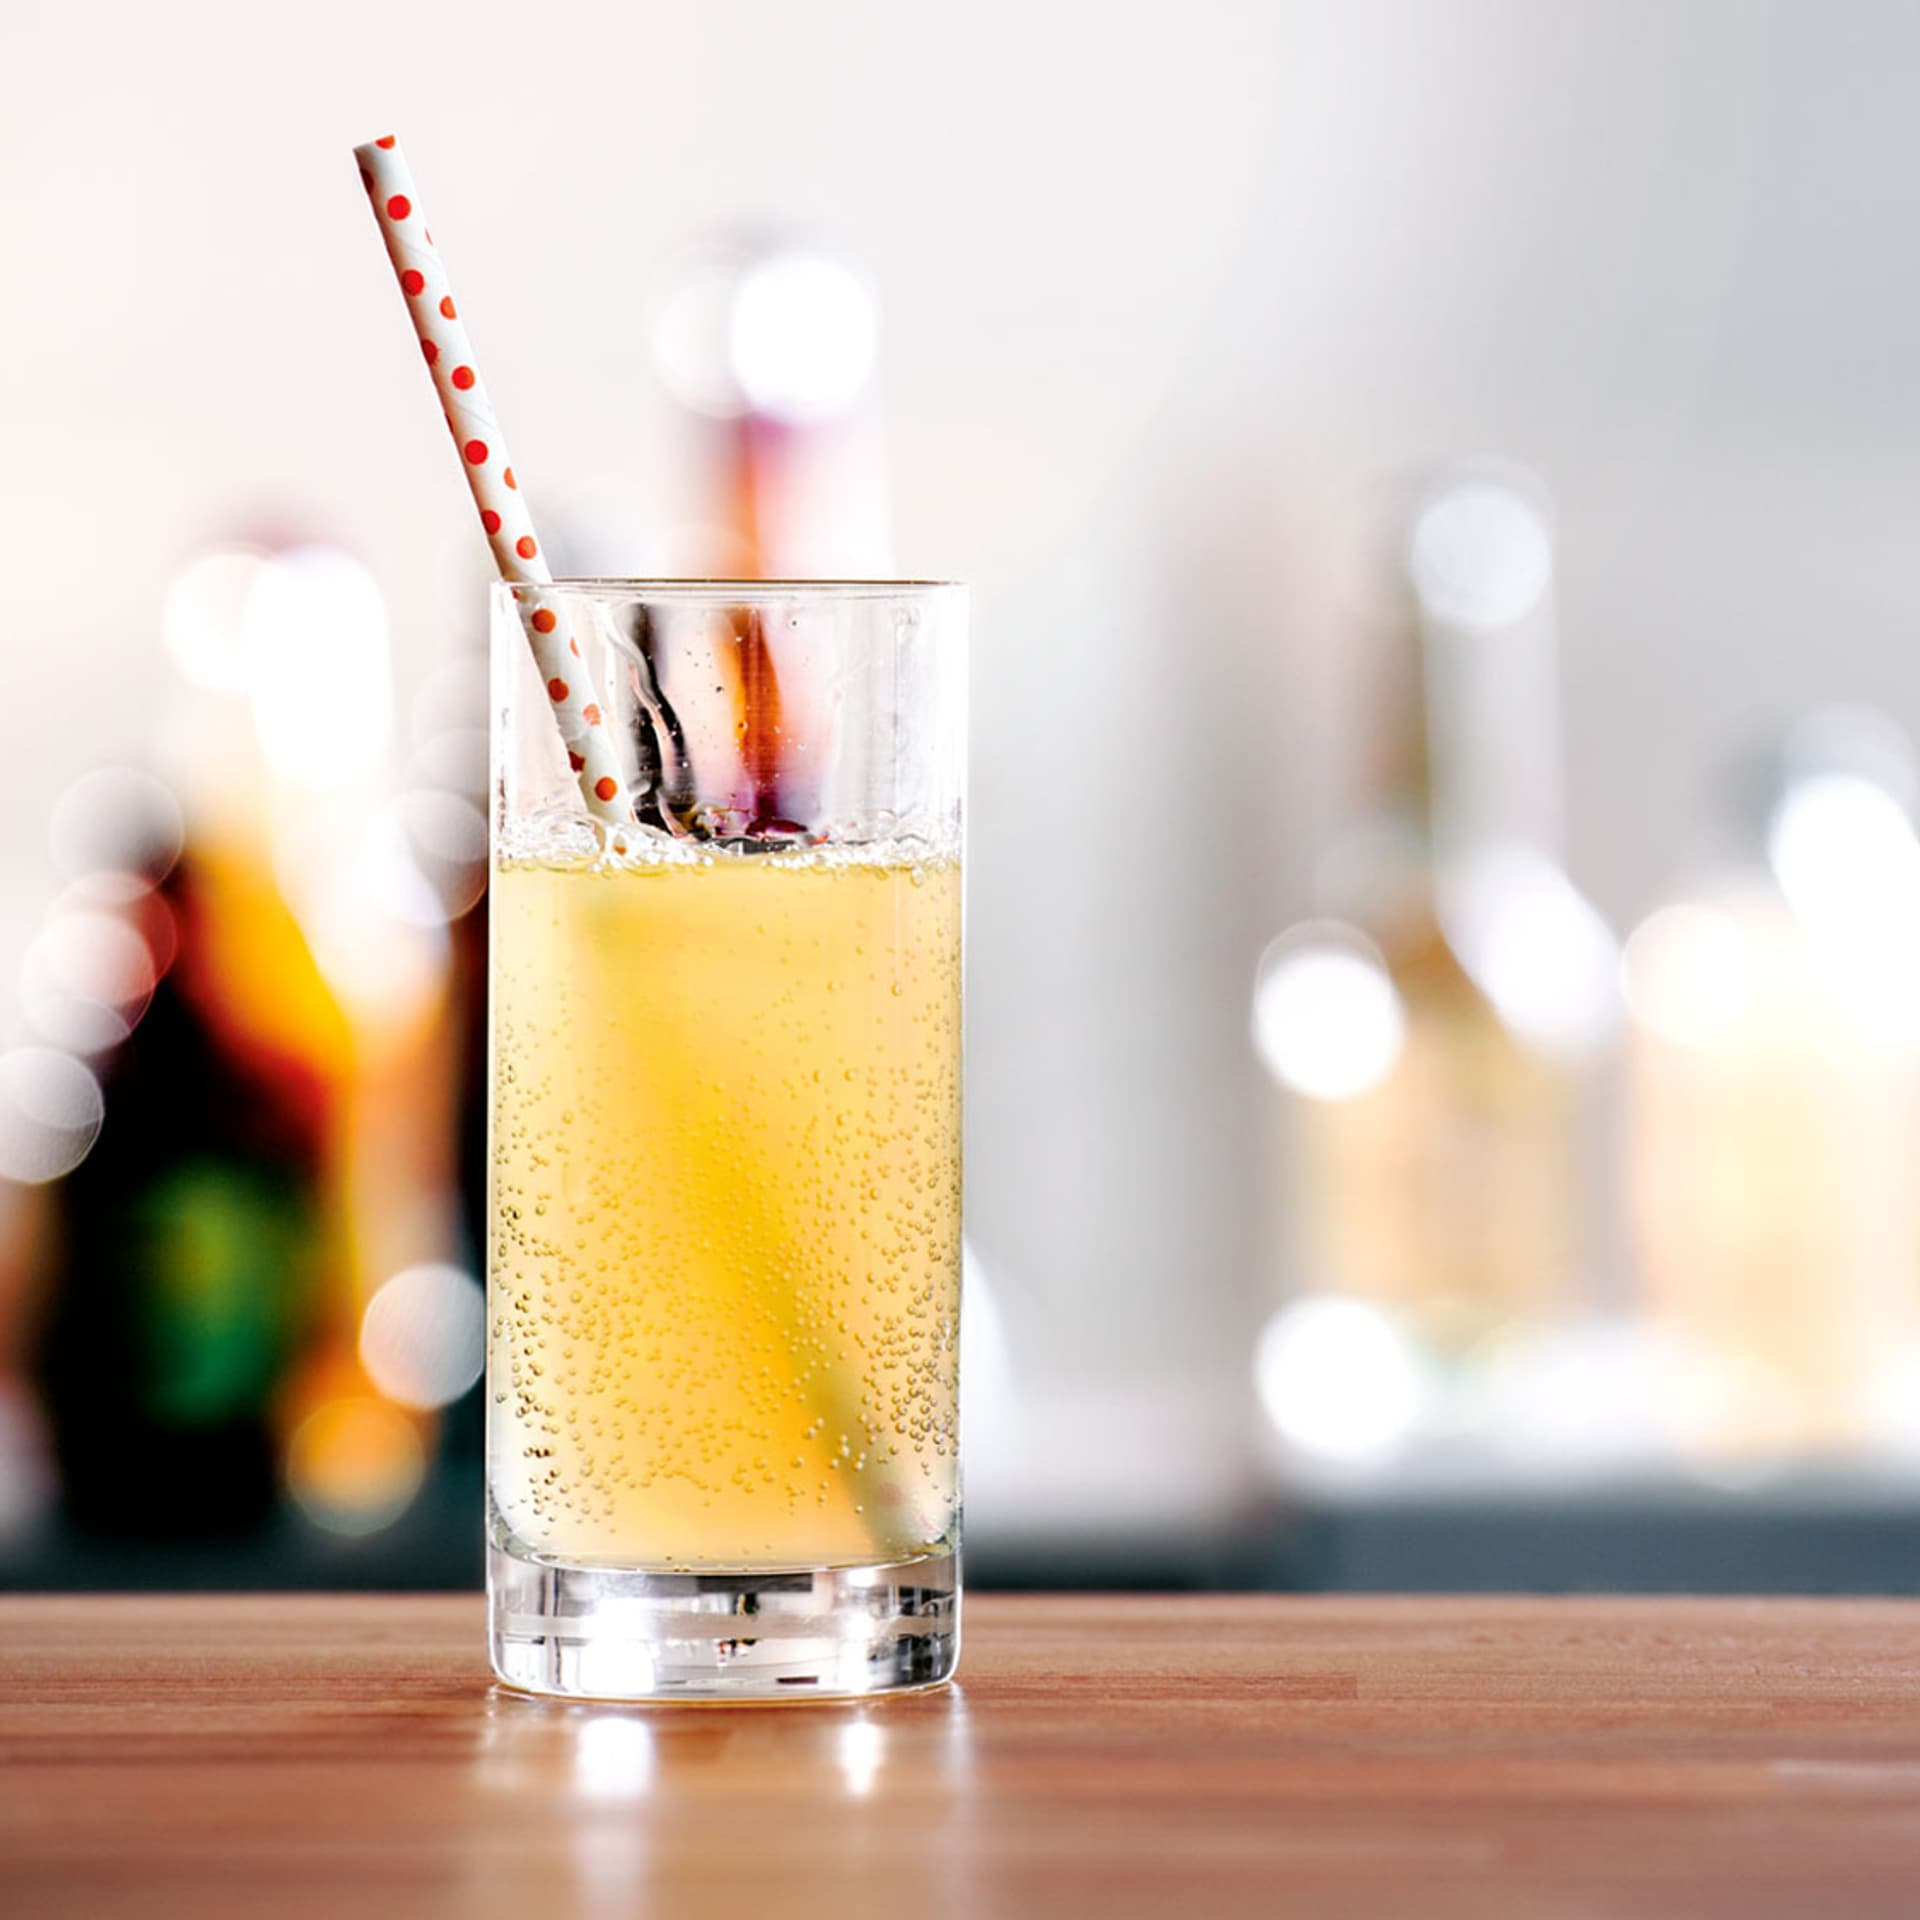 Ein Glas gefüllt mit Limonade in dem ein Strohhalm steckt.